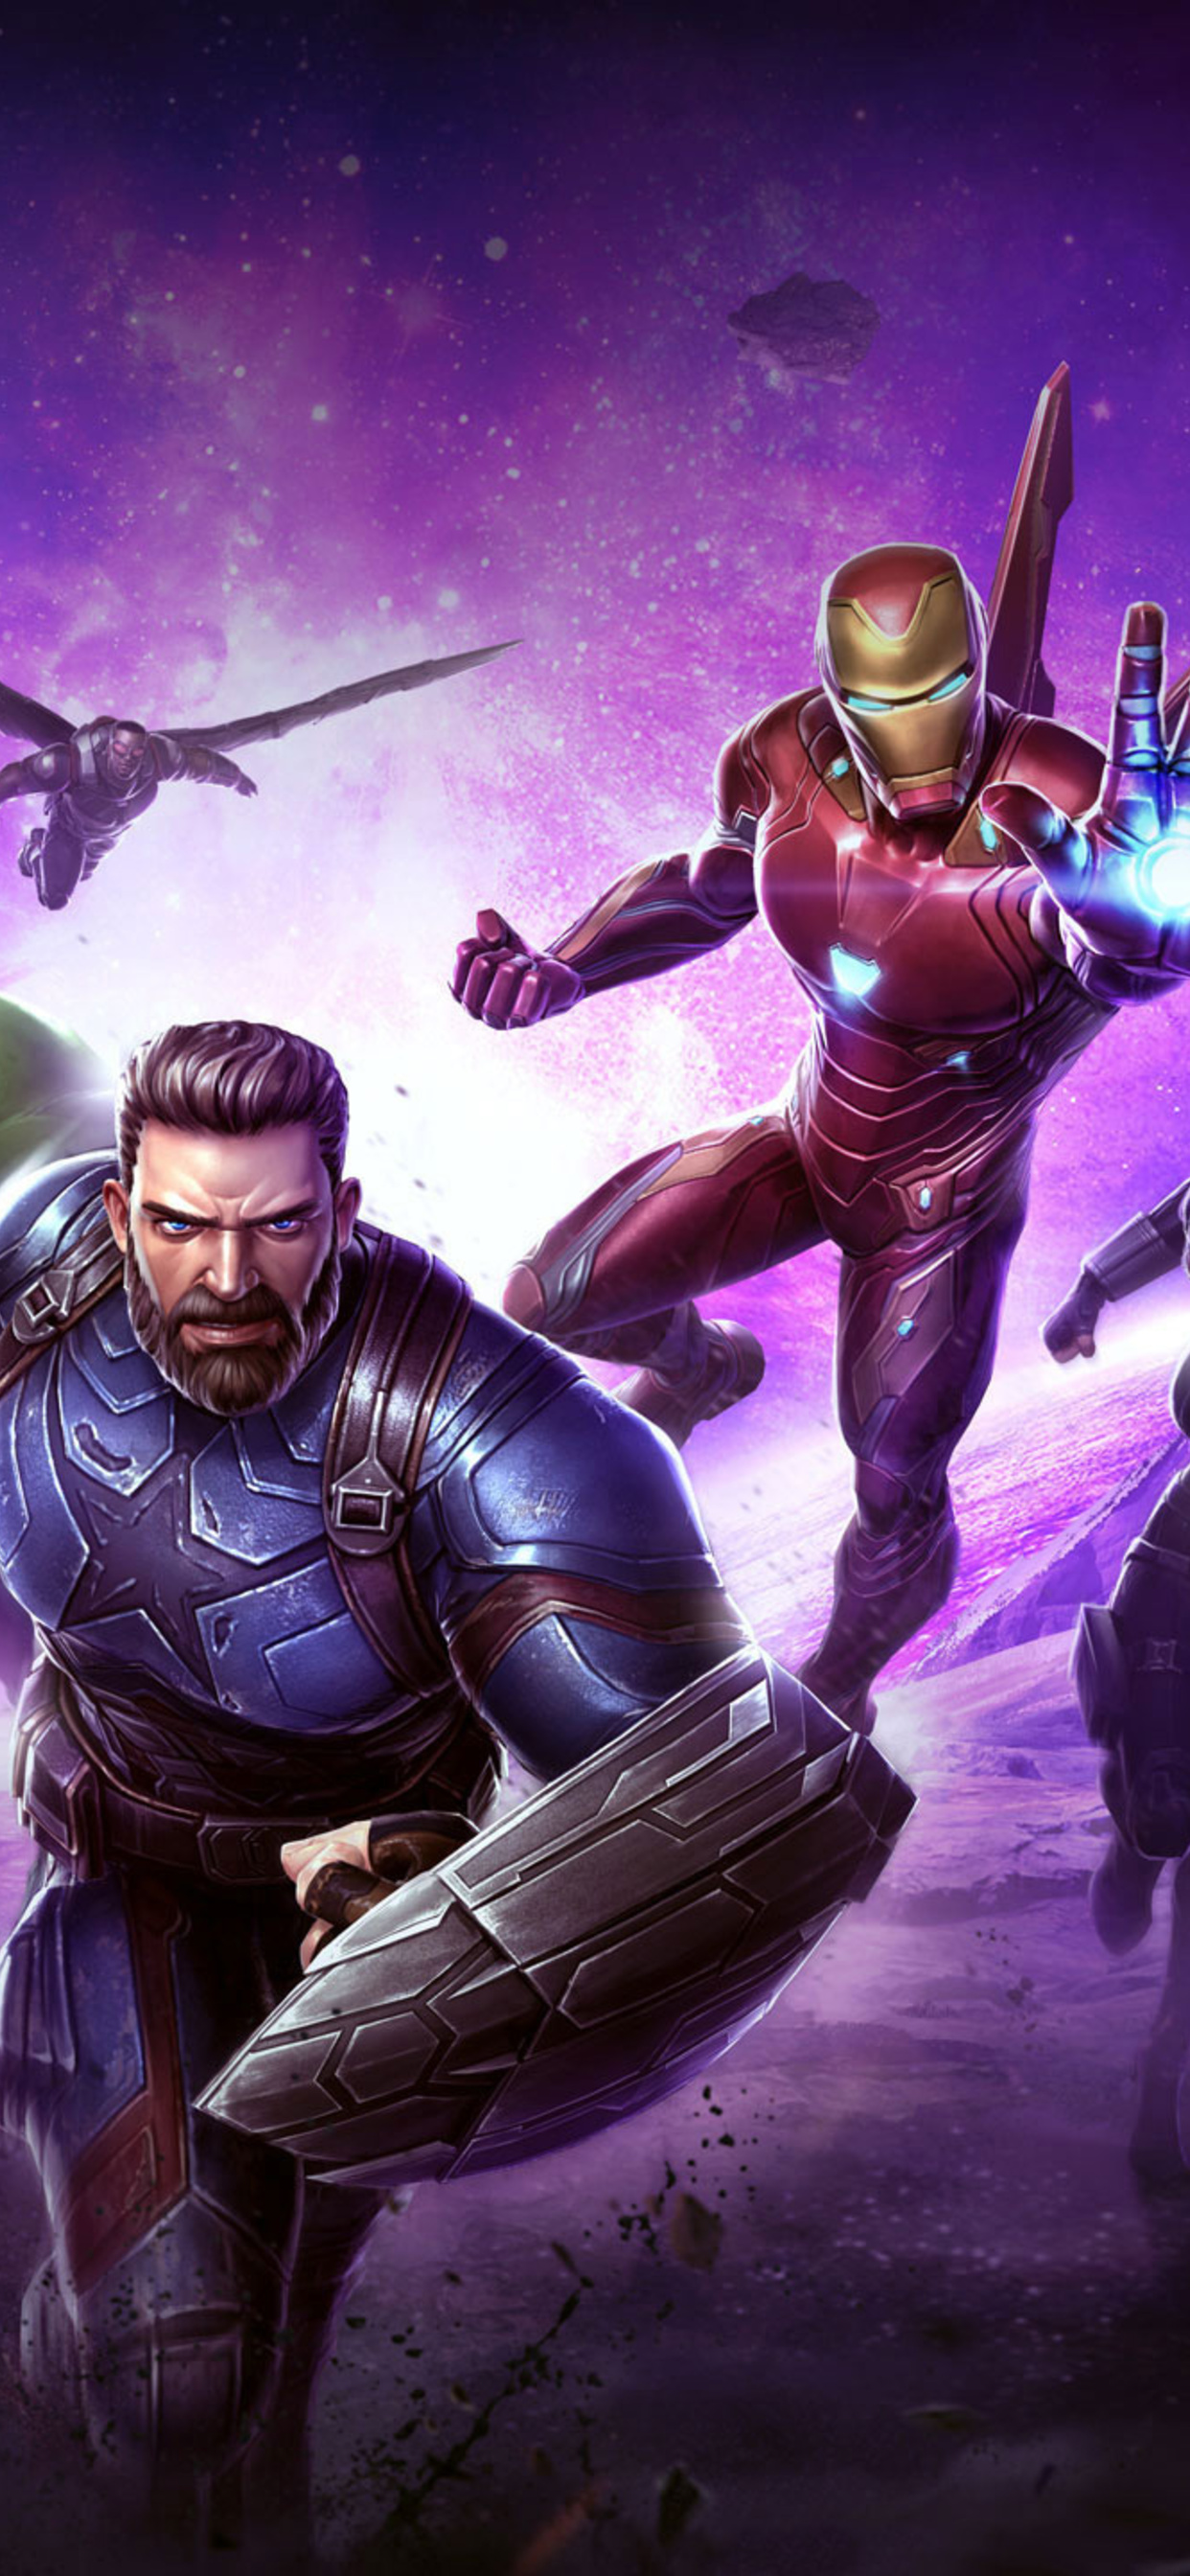 avengers-infinity-war-marvel-contest-of-champions-2018-kk.jpg